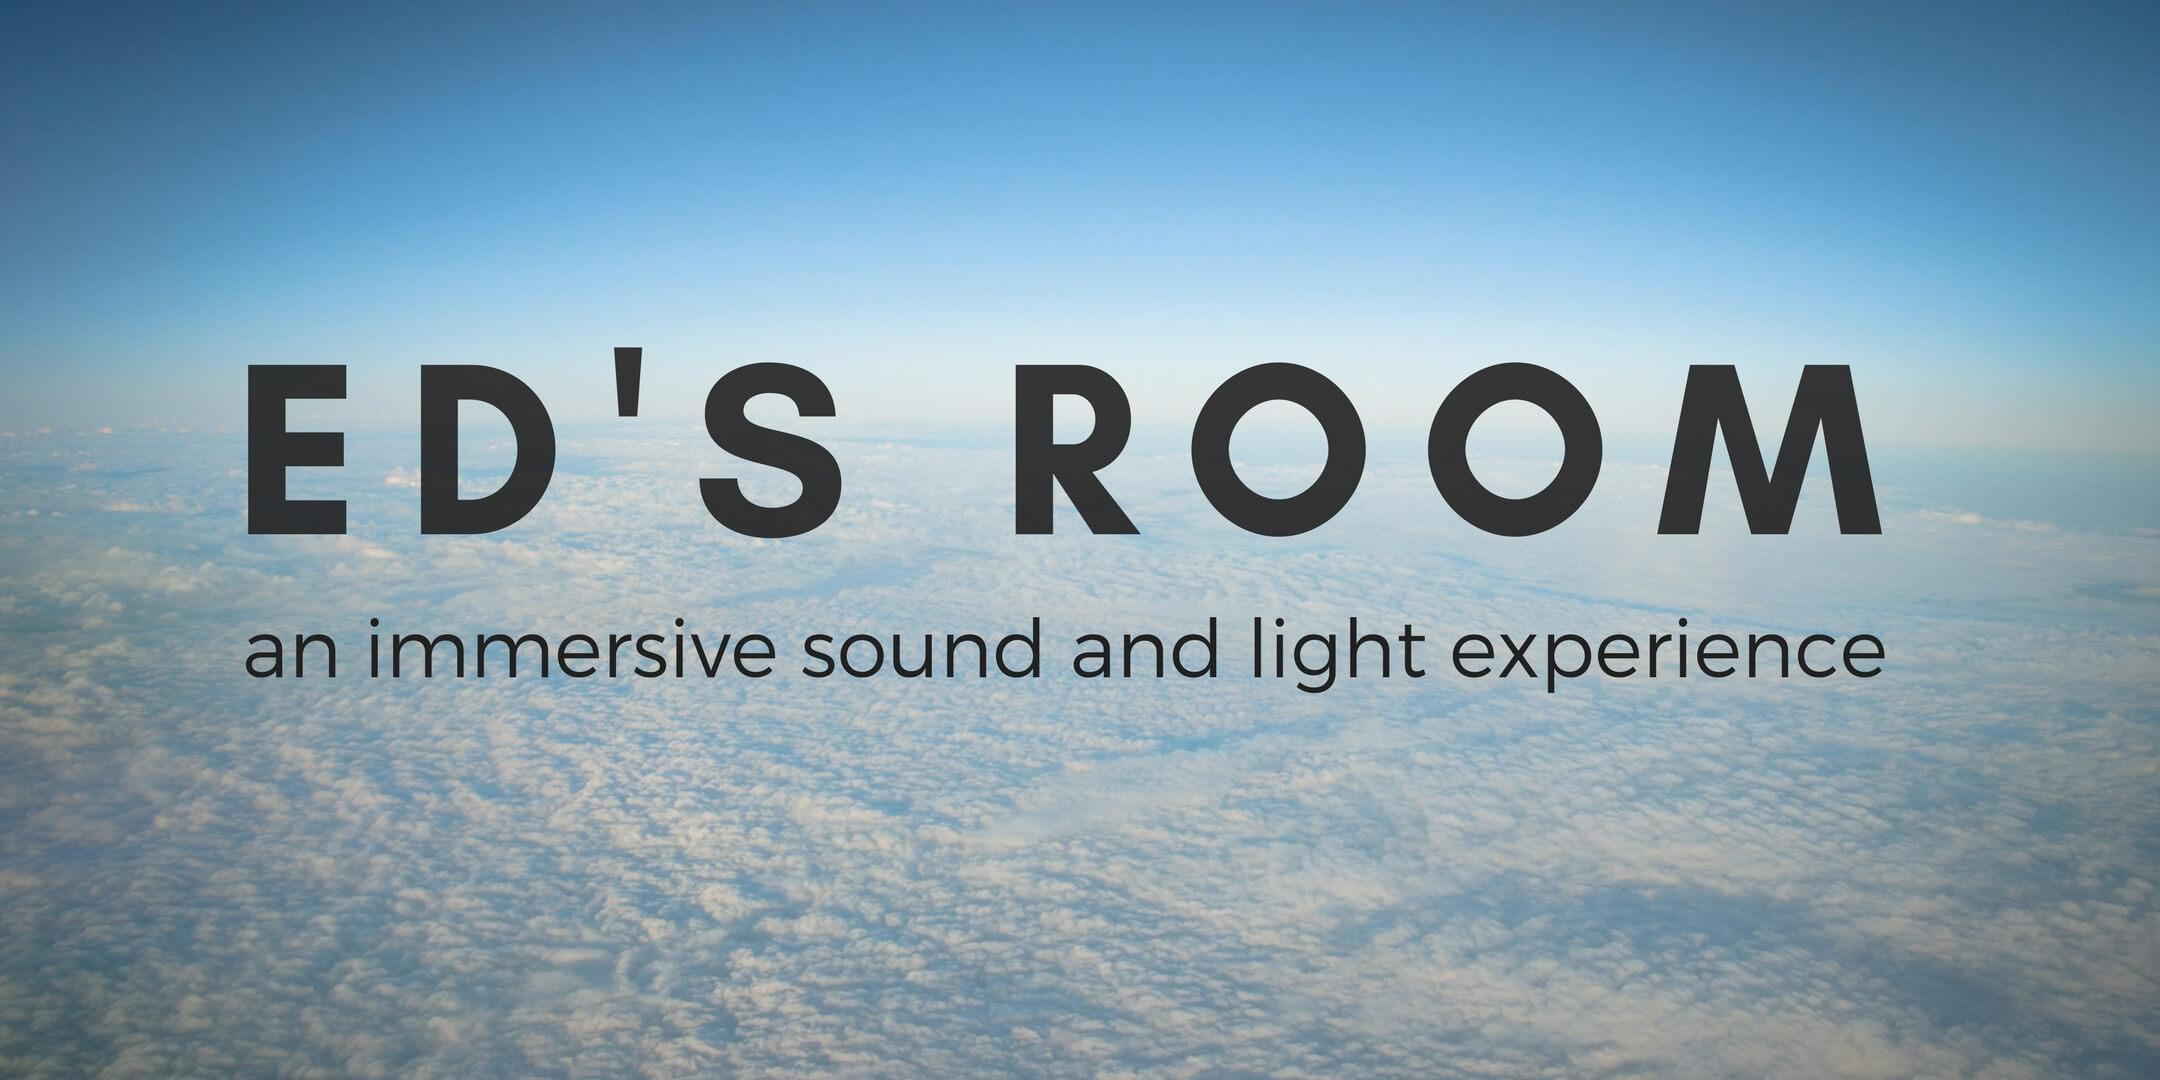 ED'S ROOM (1) (1).jpg